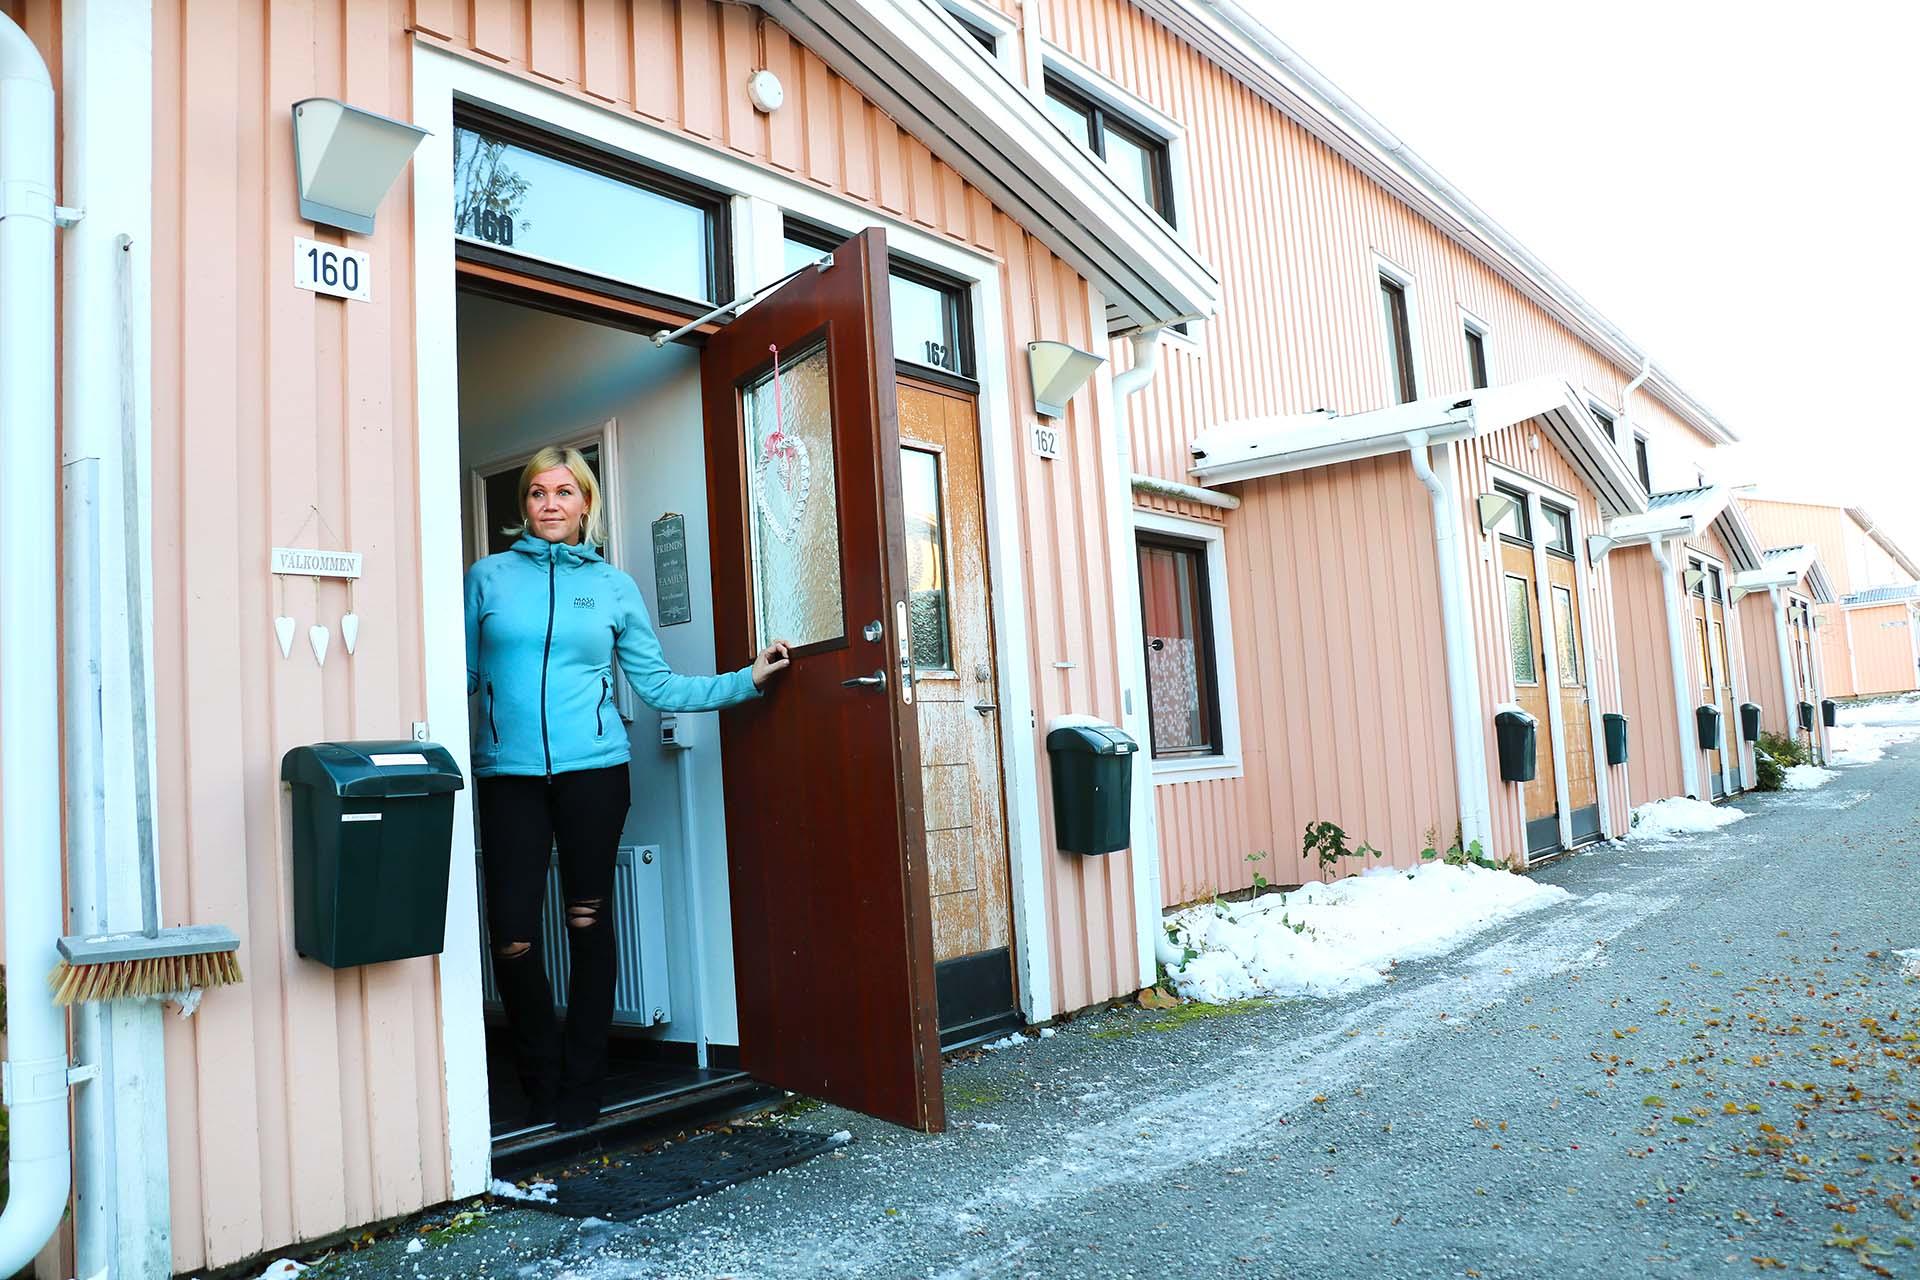 Anna Åkesdotter gillar att lägenheten på Frögatan påminner om ett radhus, med egen liten tomt samtidigt som den kräver mycket mindre tid i underhåll. Nu kan Anna istället lägga mer tid på sitt målarintresse. På översta bilden syns ett av hennes verk.